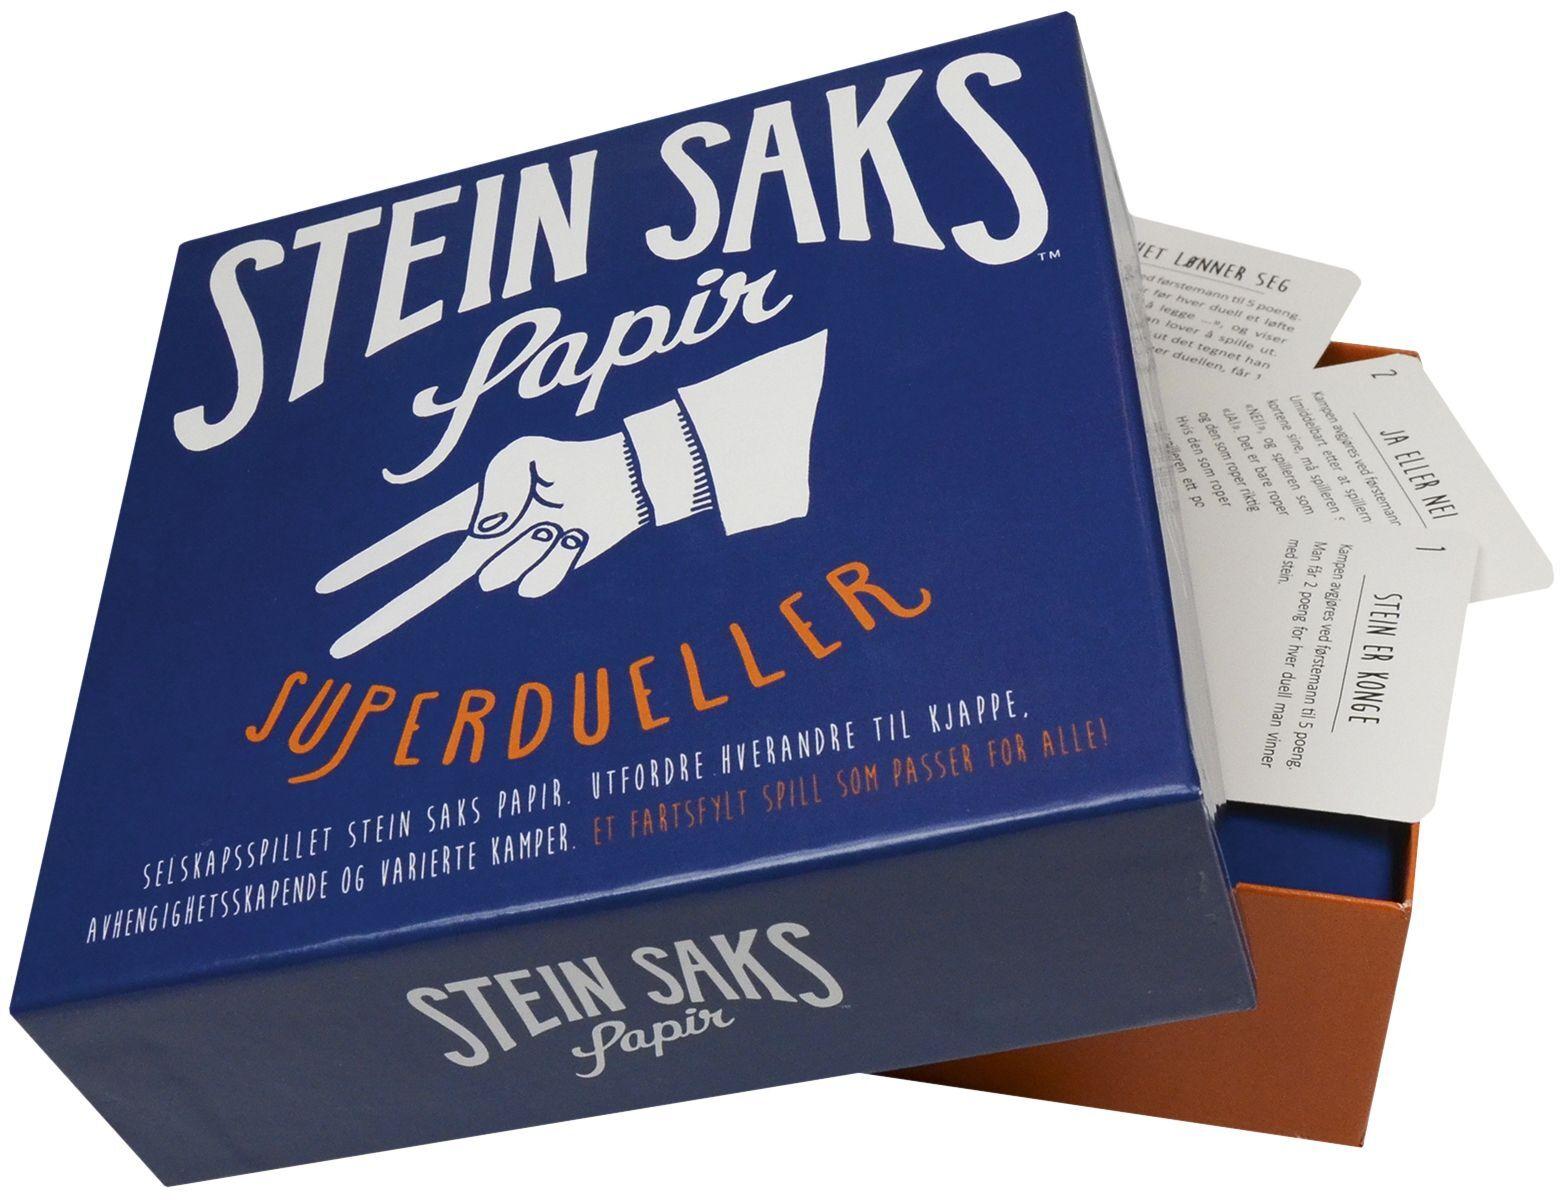 """Spill 200256 Spill """"Stein, Saks, Papir"""" (Kan sendes i brev)"""